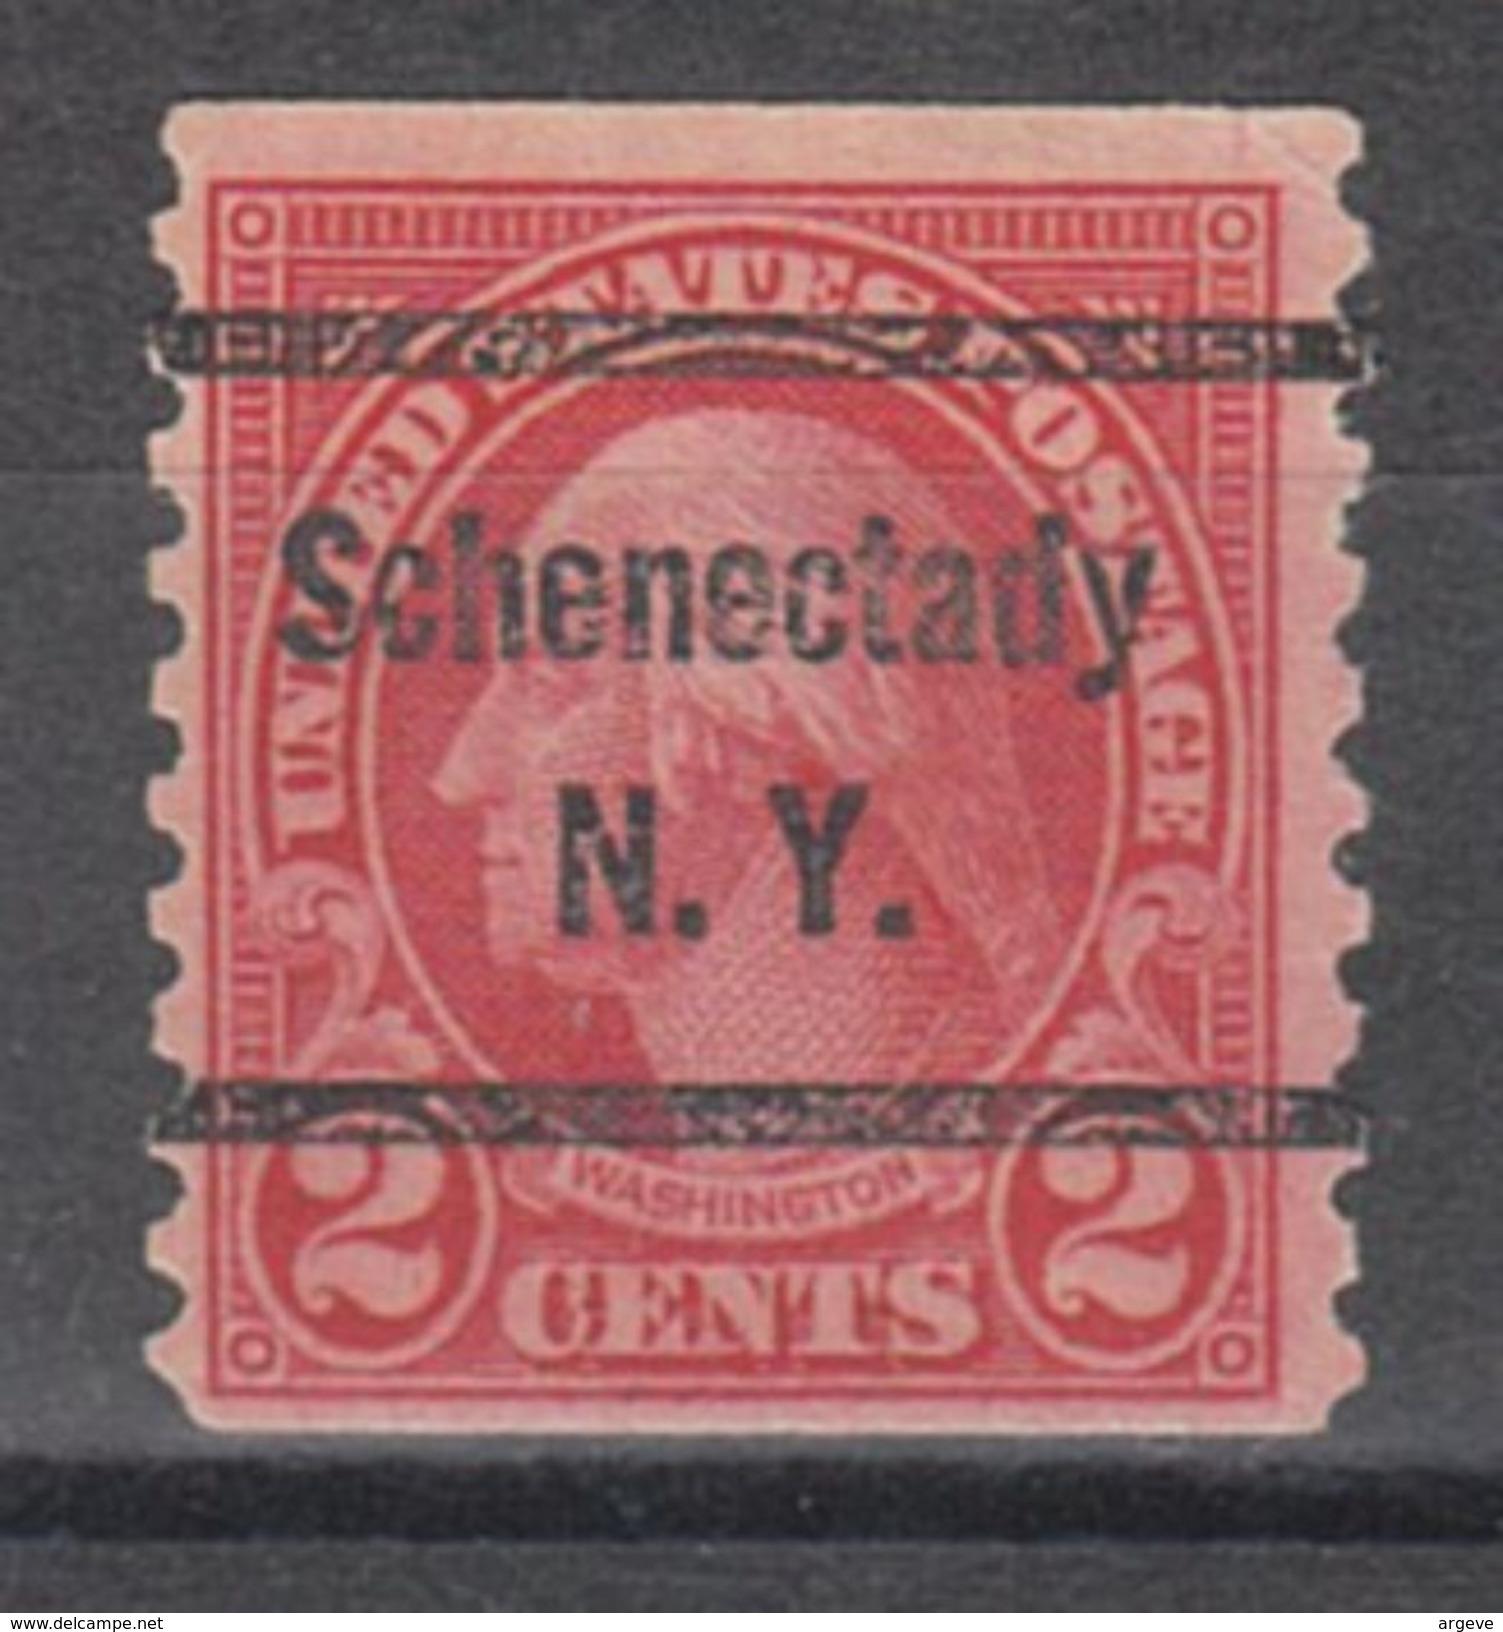 USA Precancel Vorausentwertung Preo, Bureau New York, Schenectady 599-52 - Vorausentwertungen